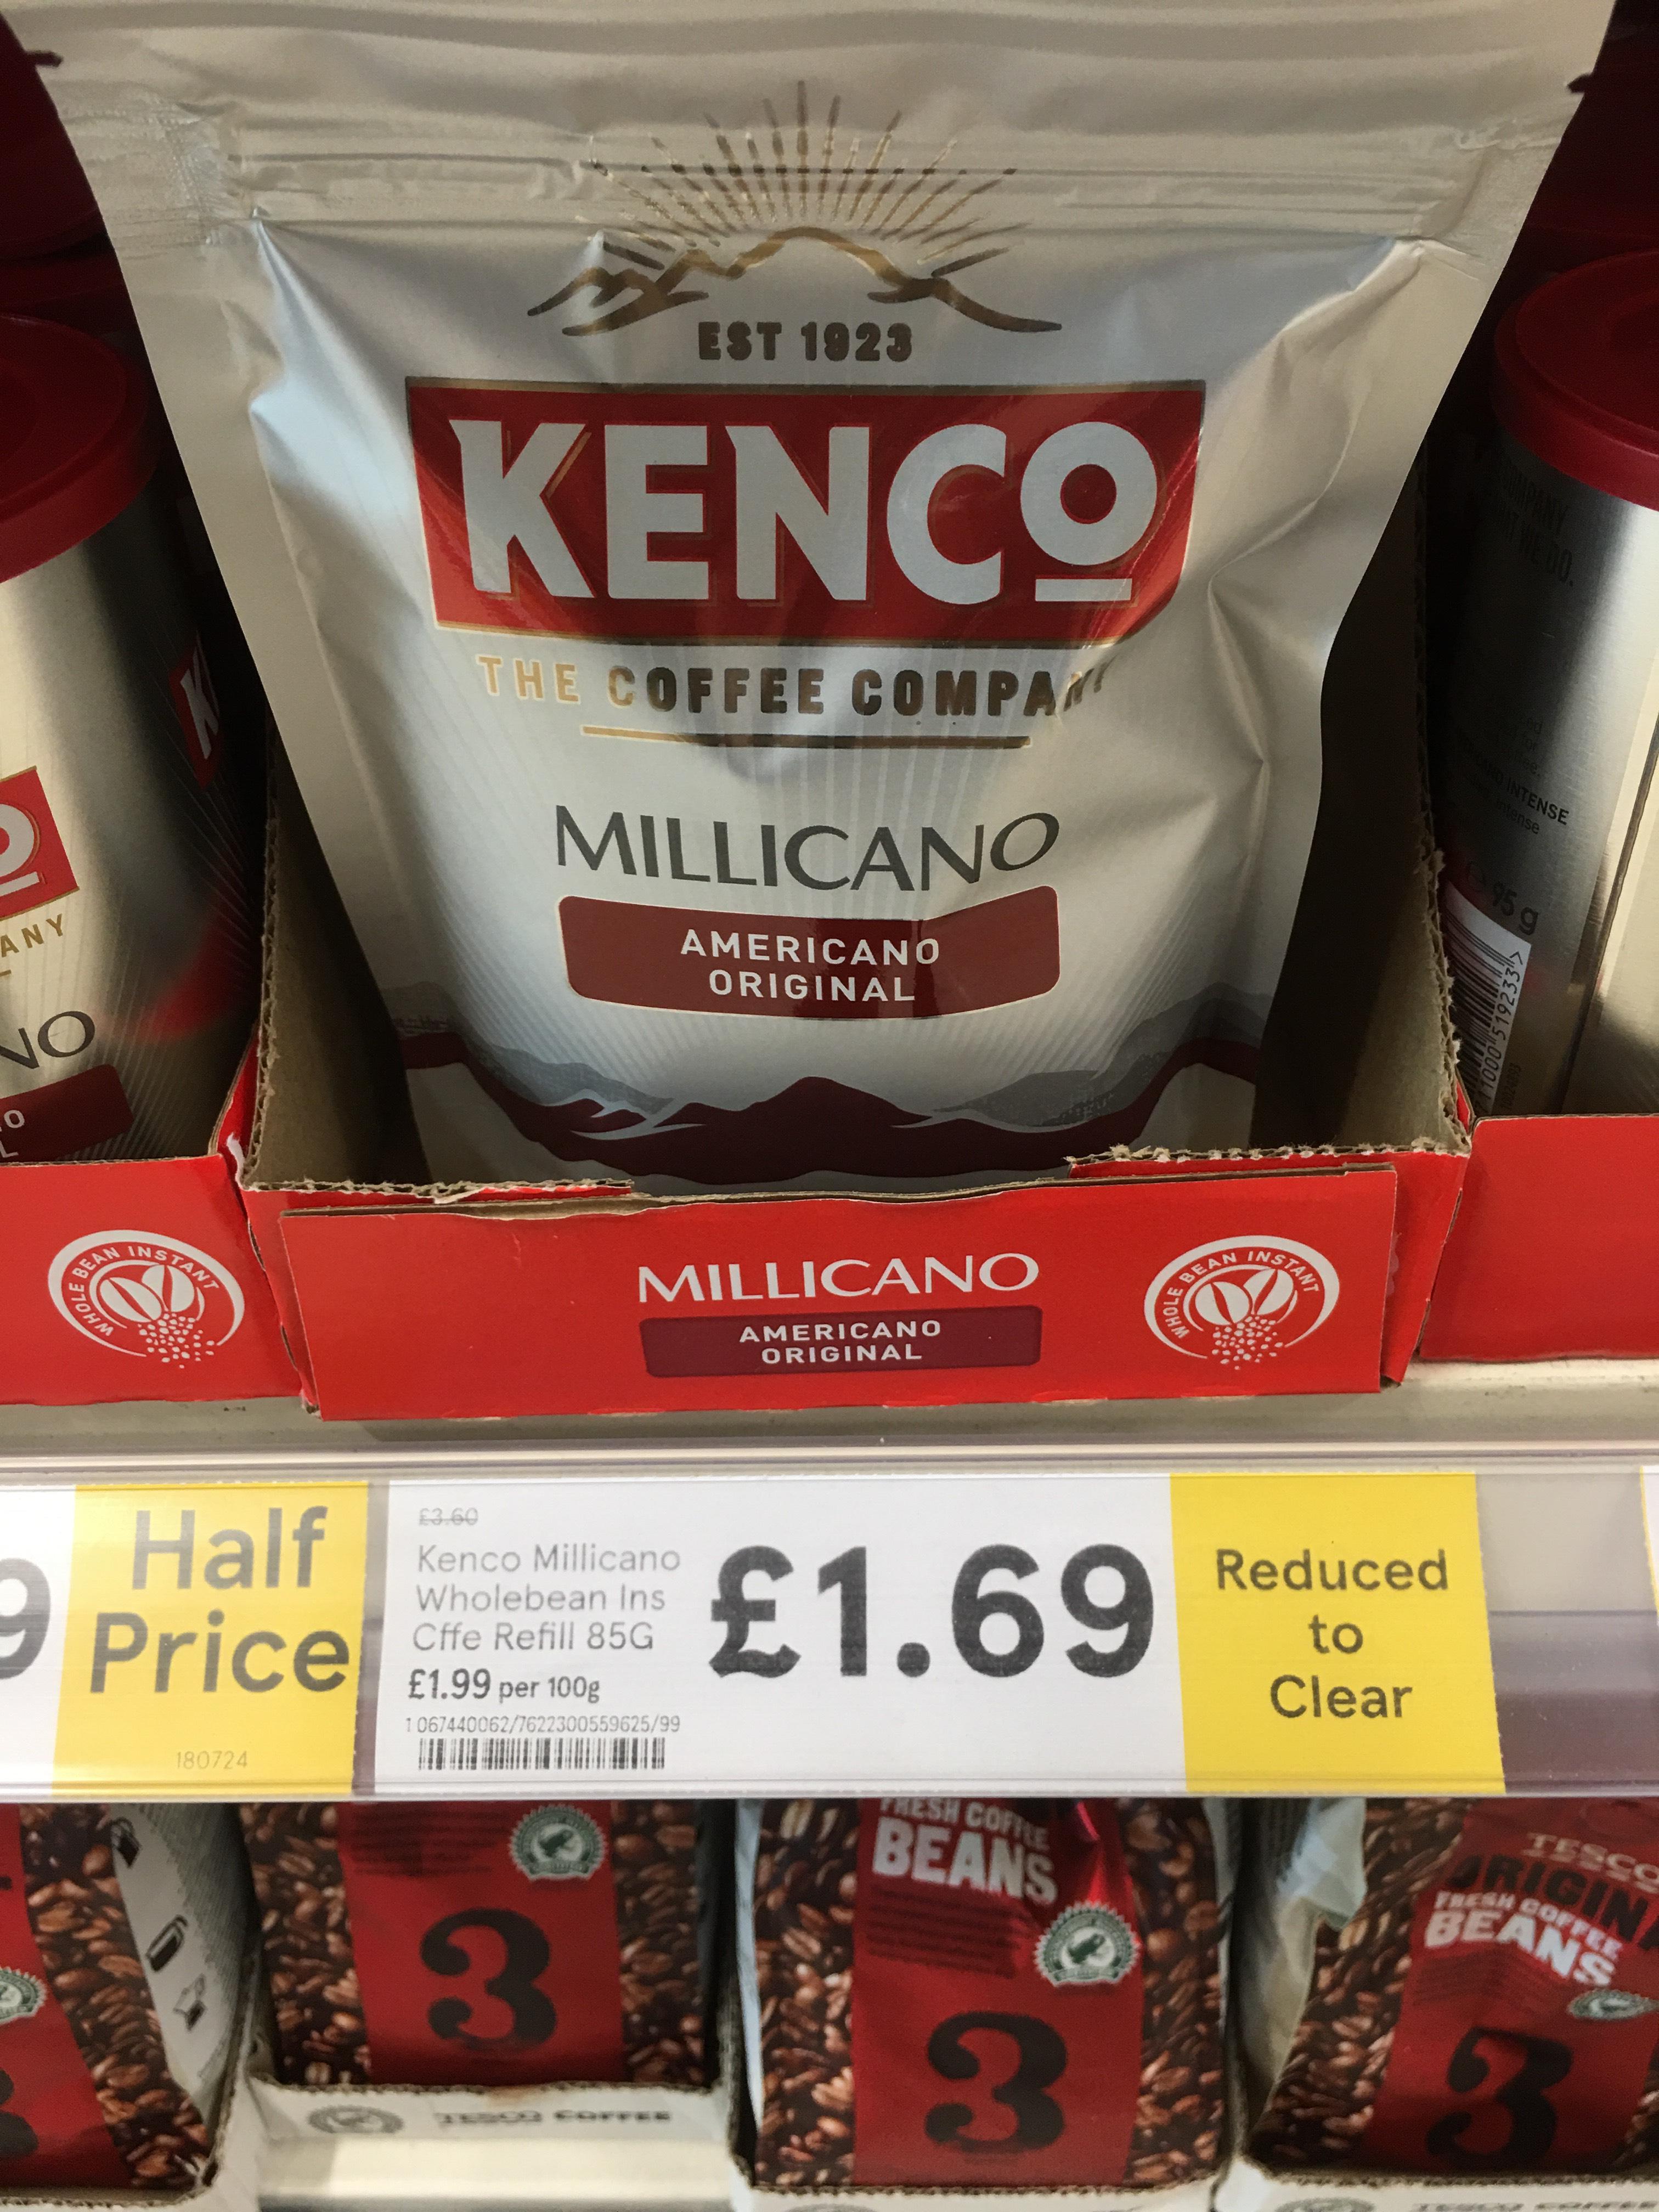 Kenco Millicano refill 85g RTC £1.69 @ Tesco in store